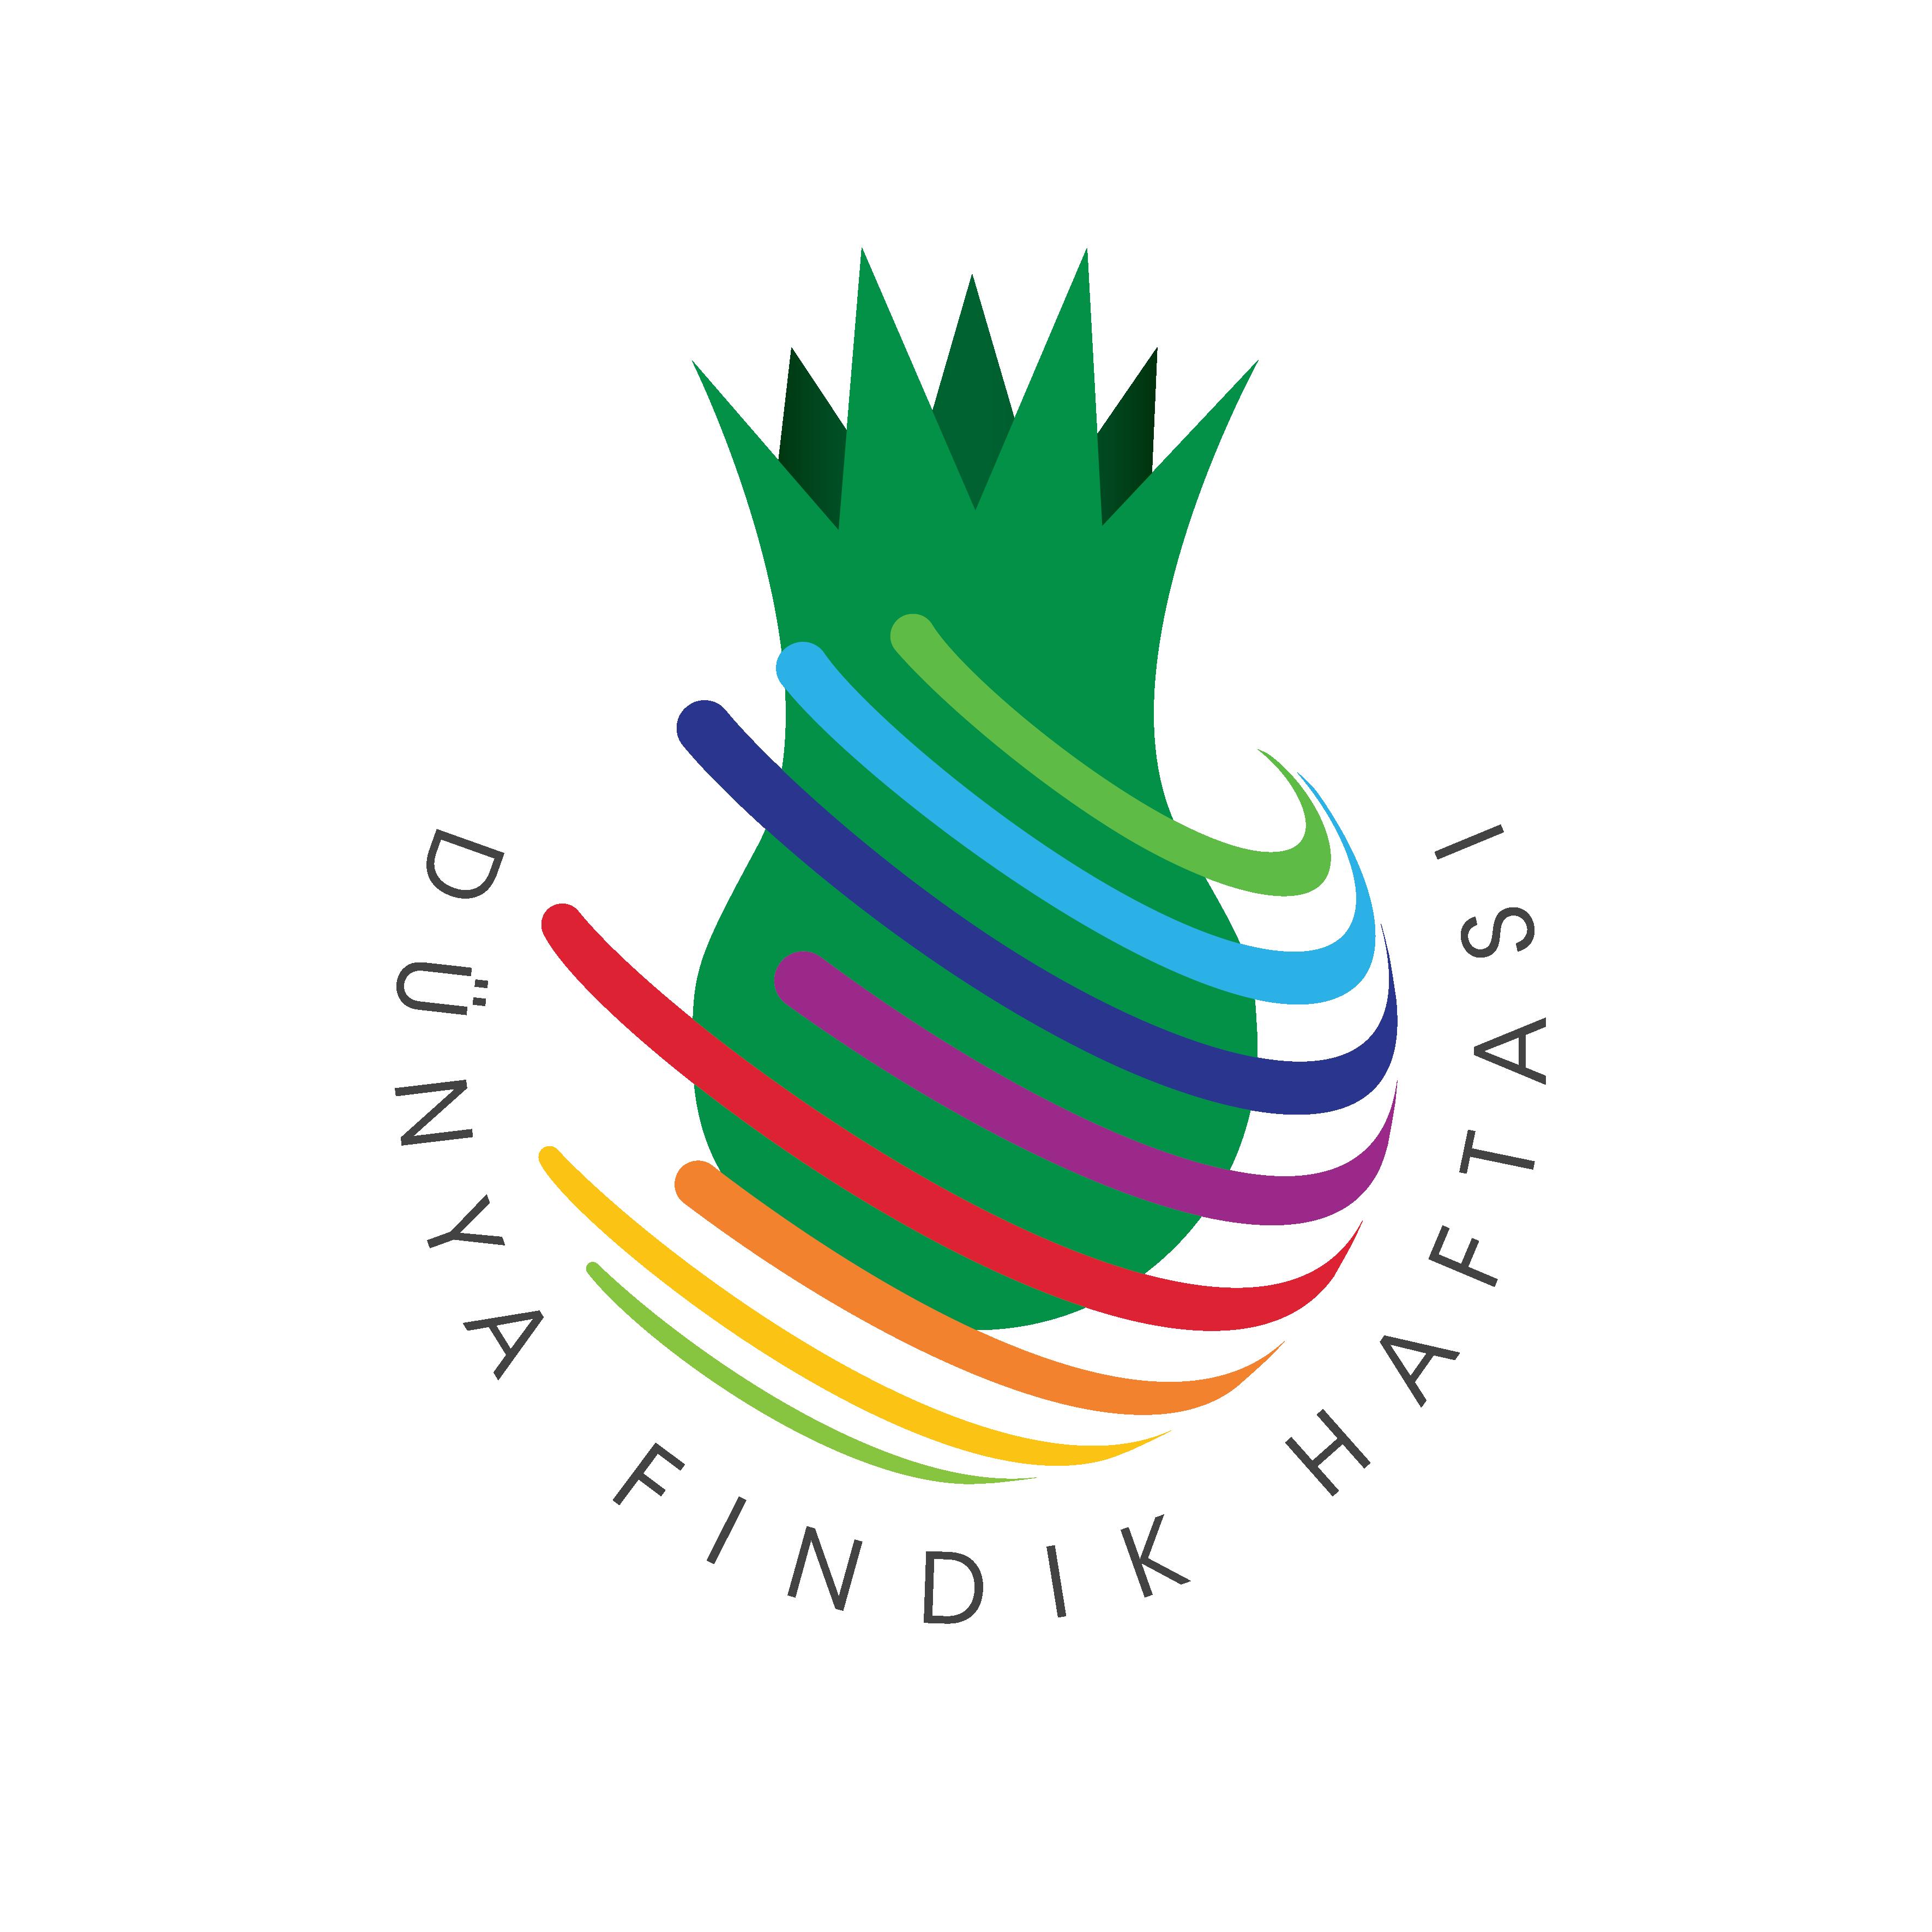 'Dünya Fındık Haftası' Logosu belirlendi